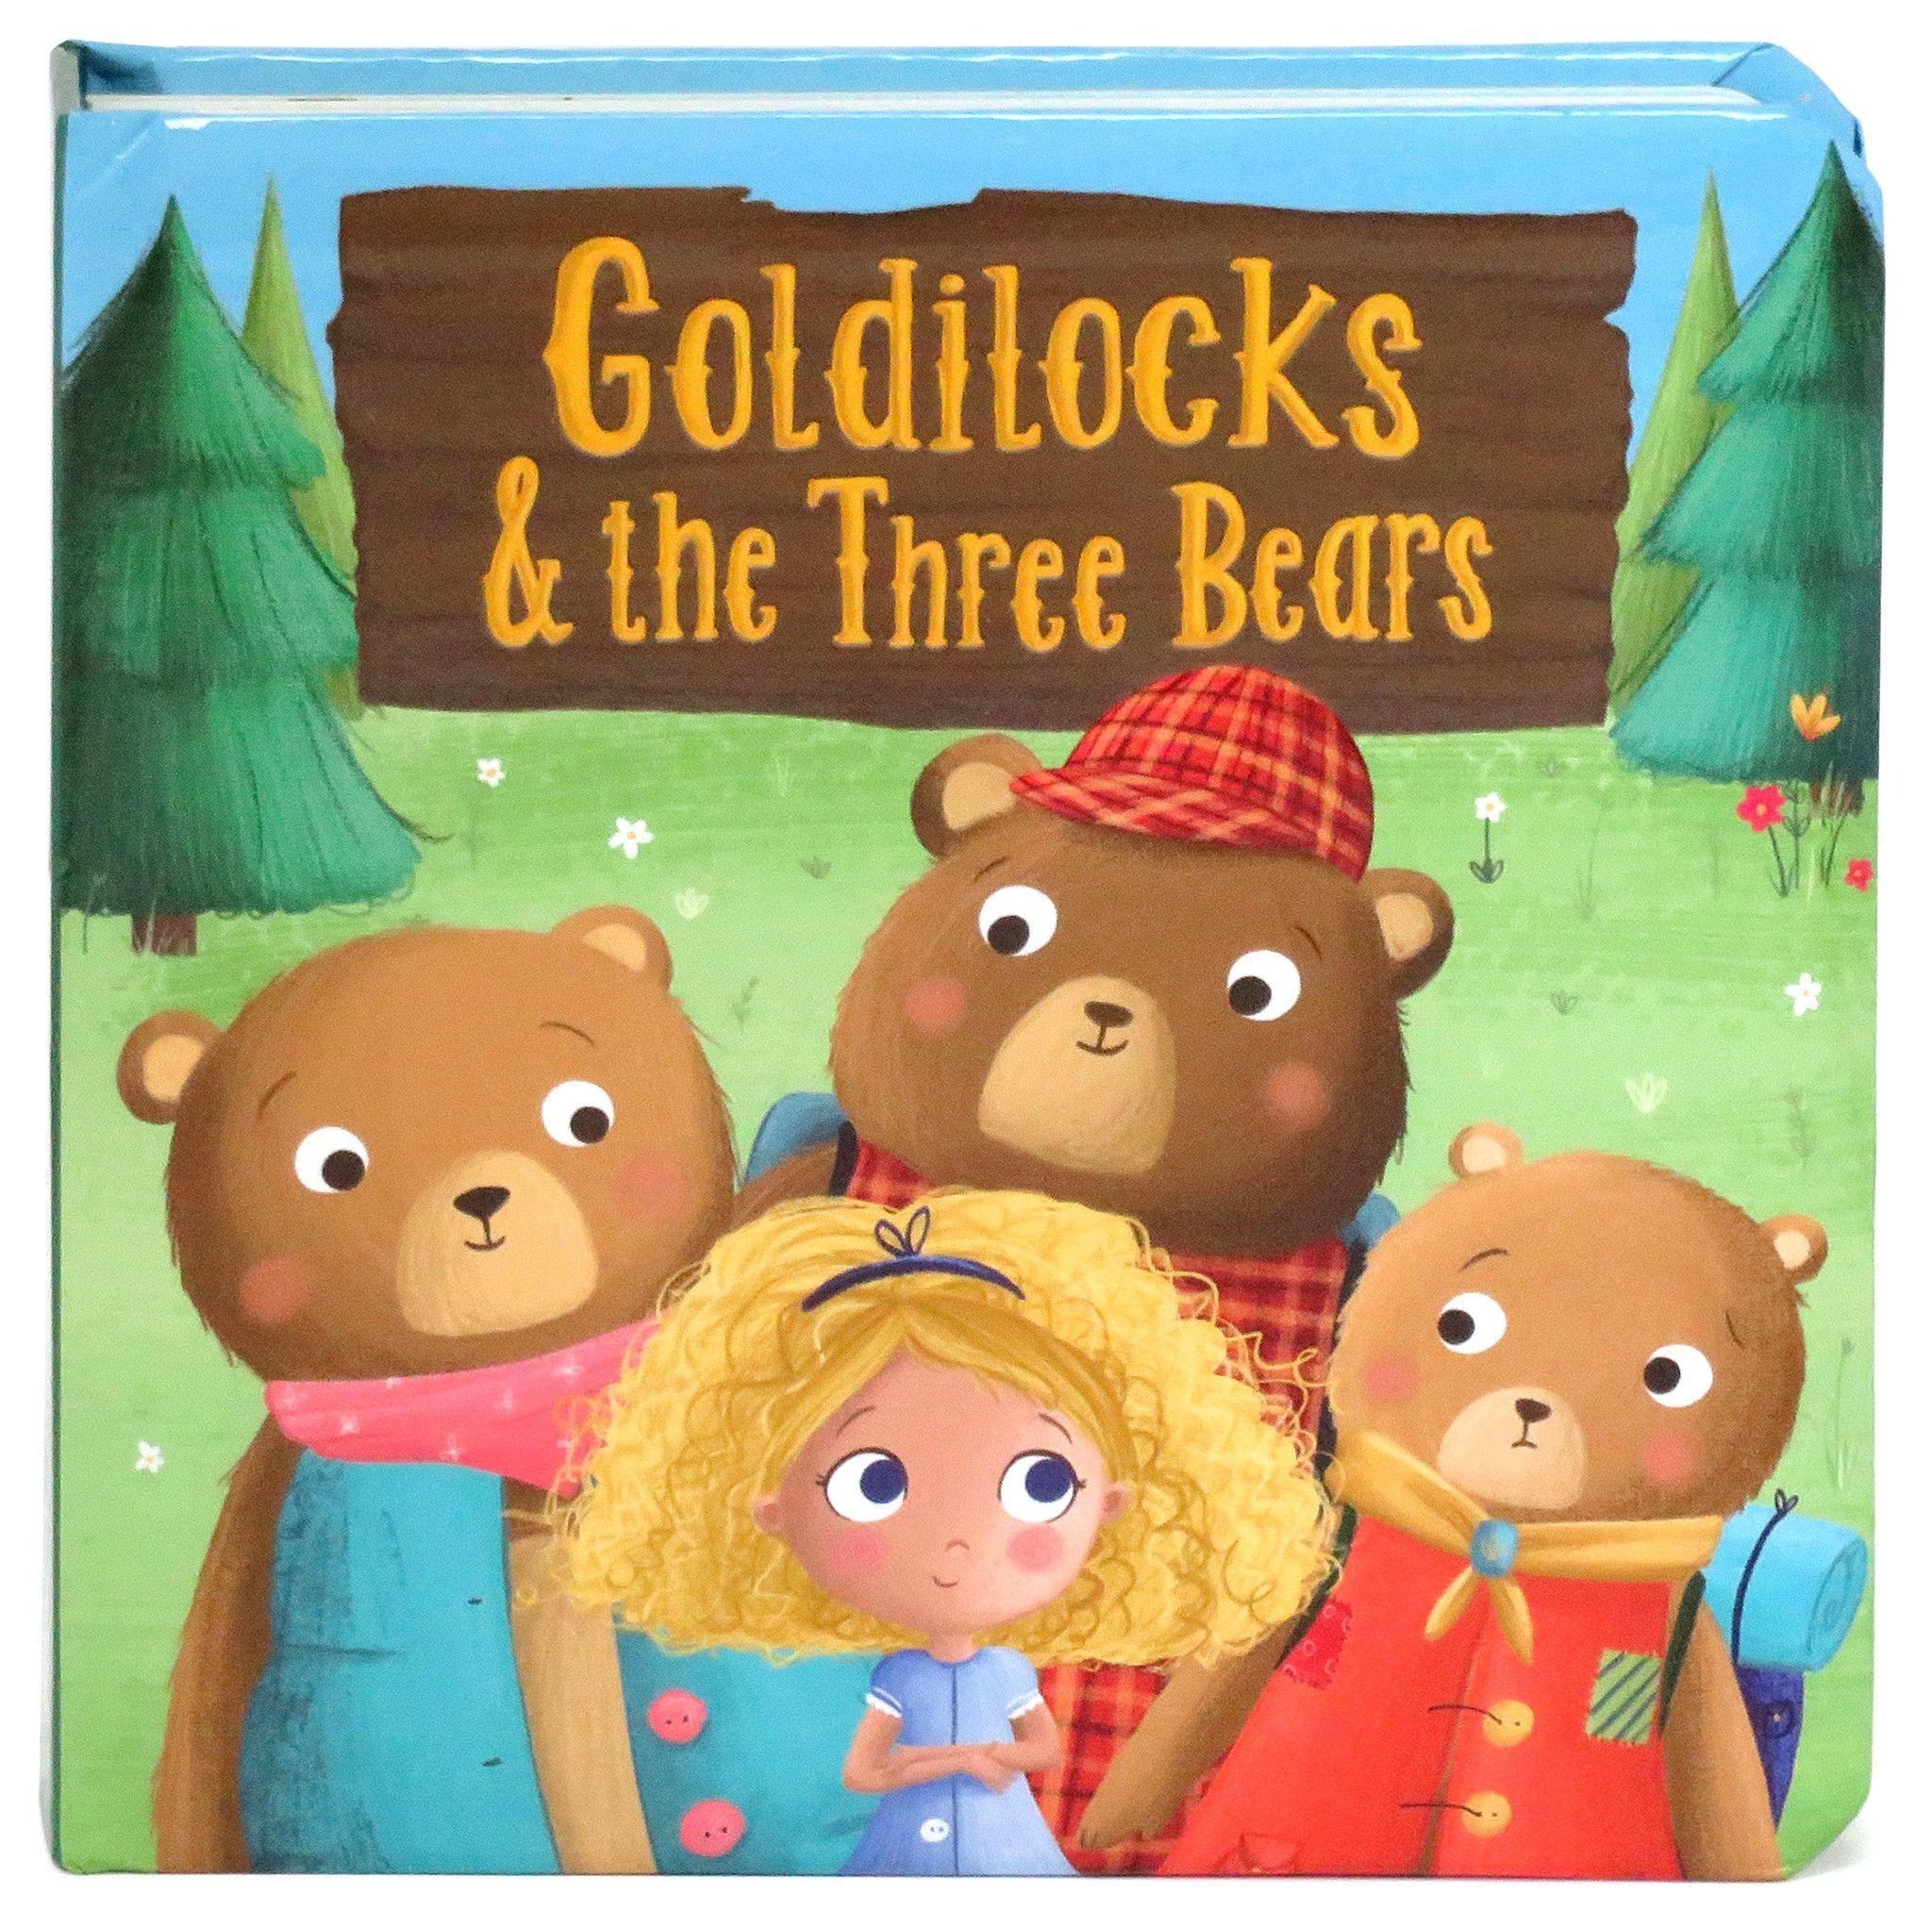 A Twist On The Classic Tale Goldilocks Disturbs The Bears